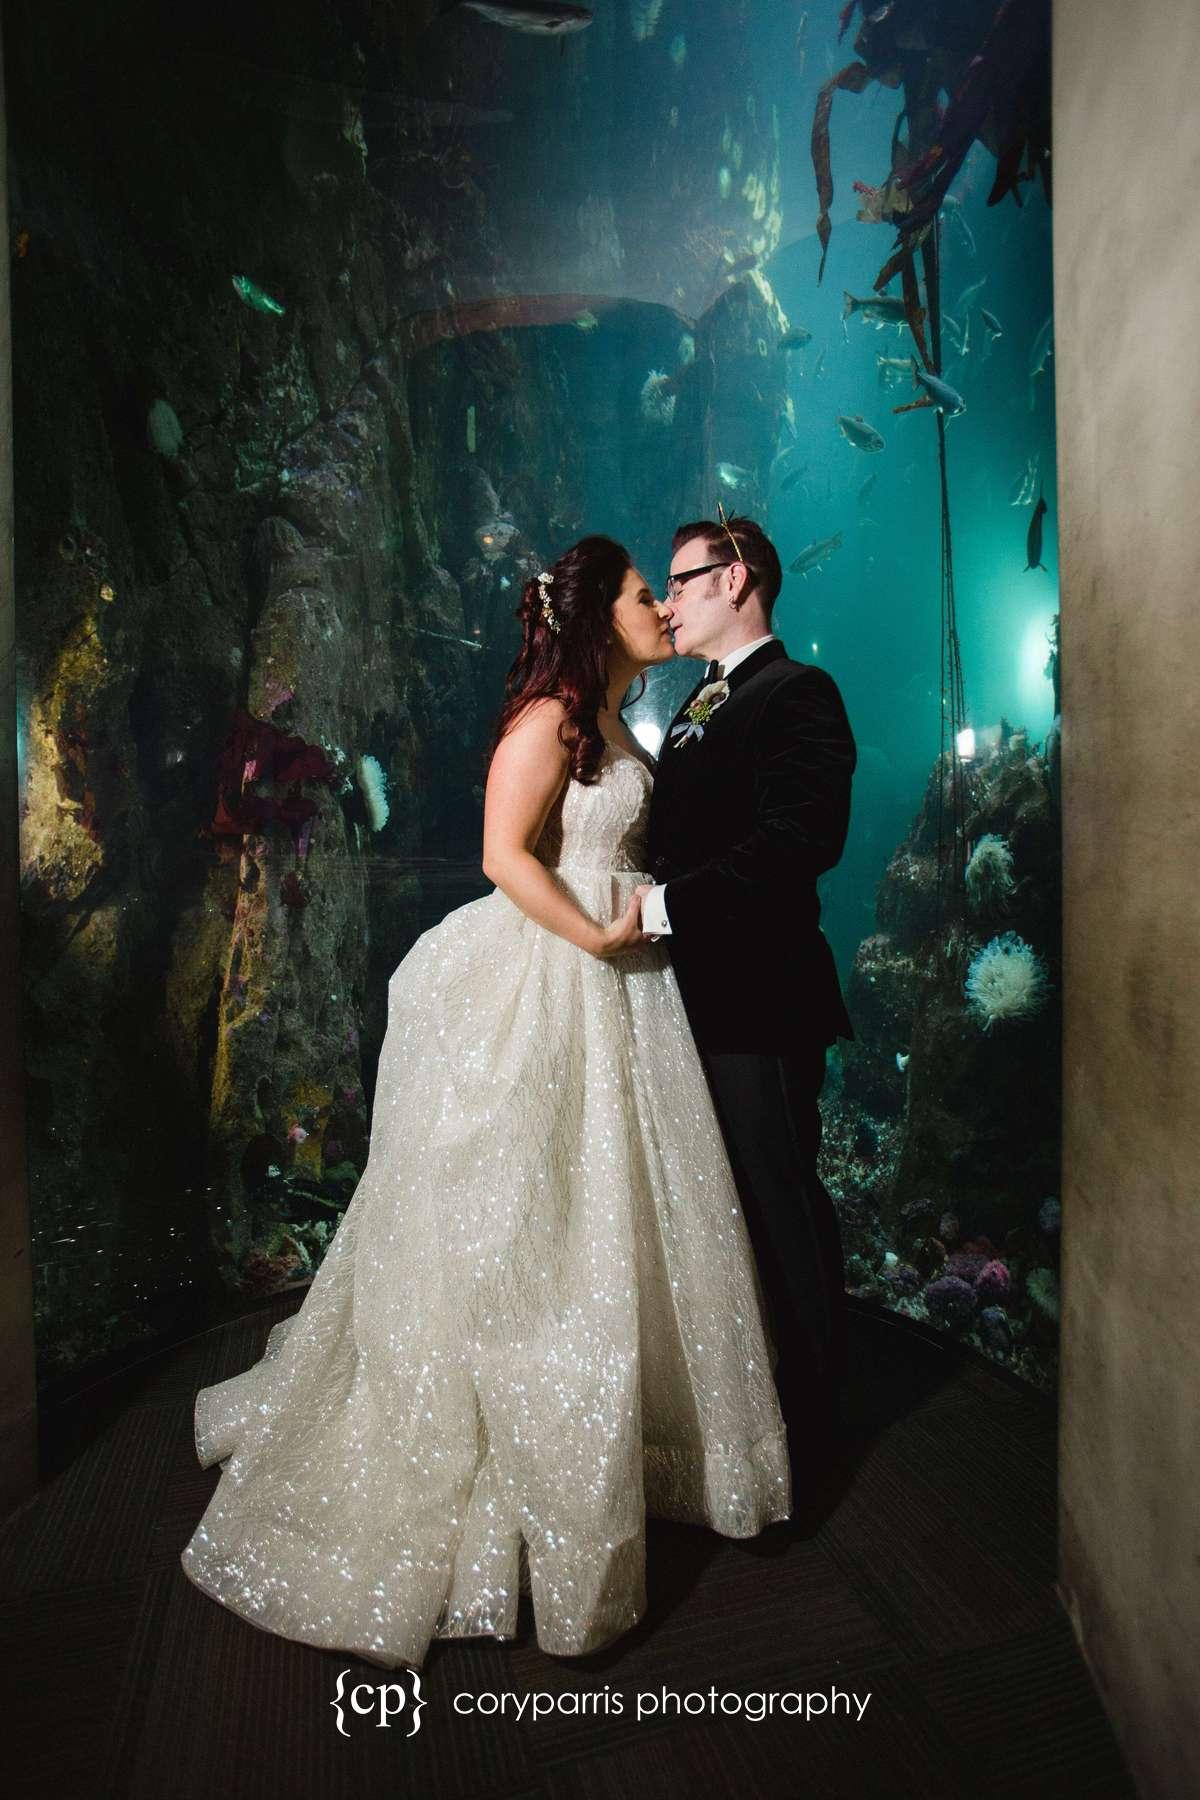 Wedding portrait at the Seattle Aquarium